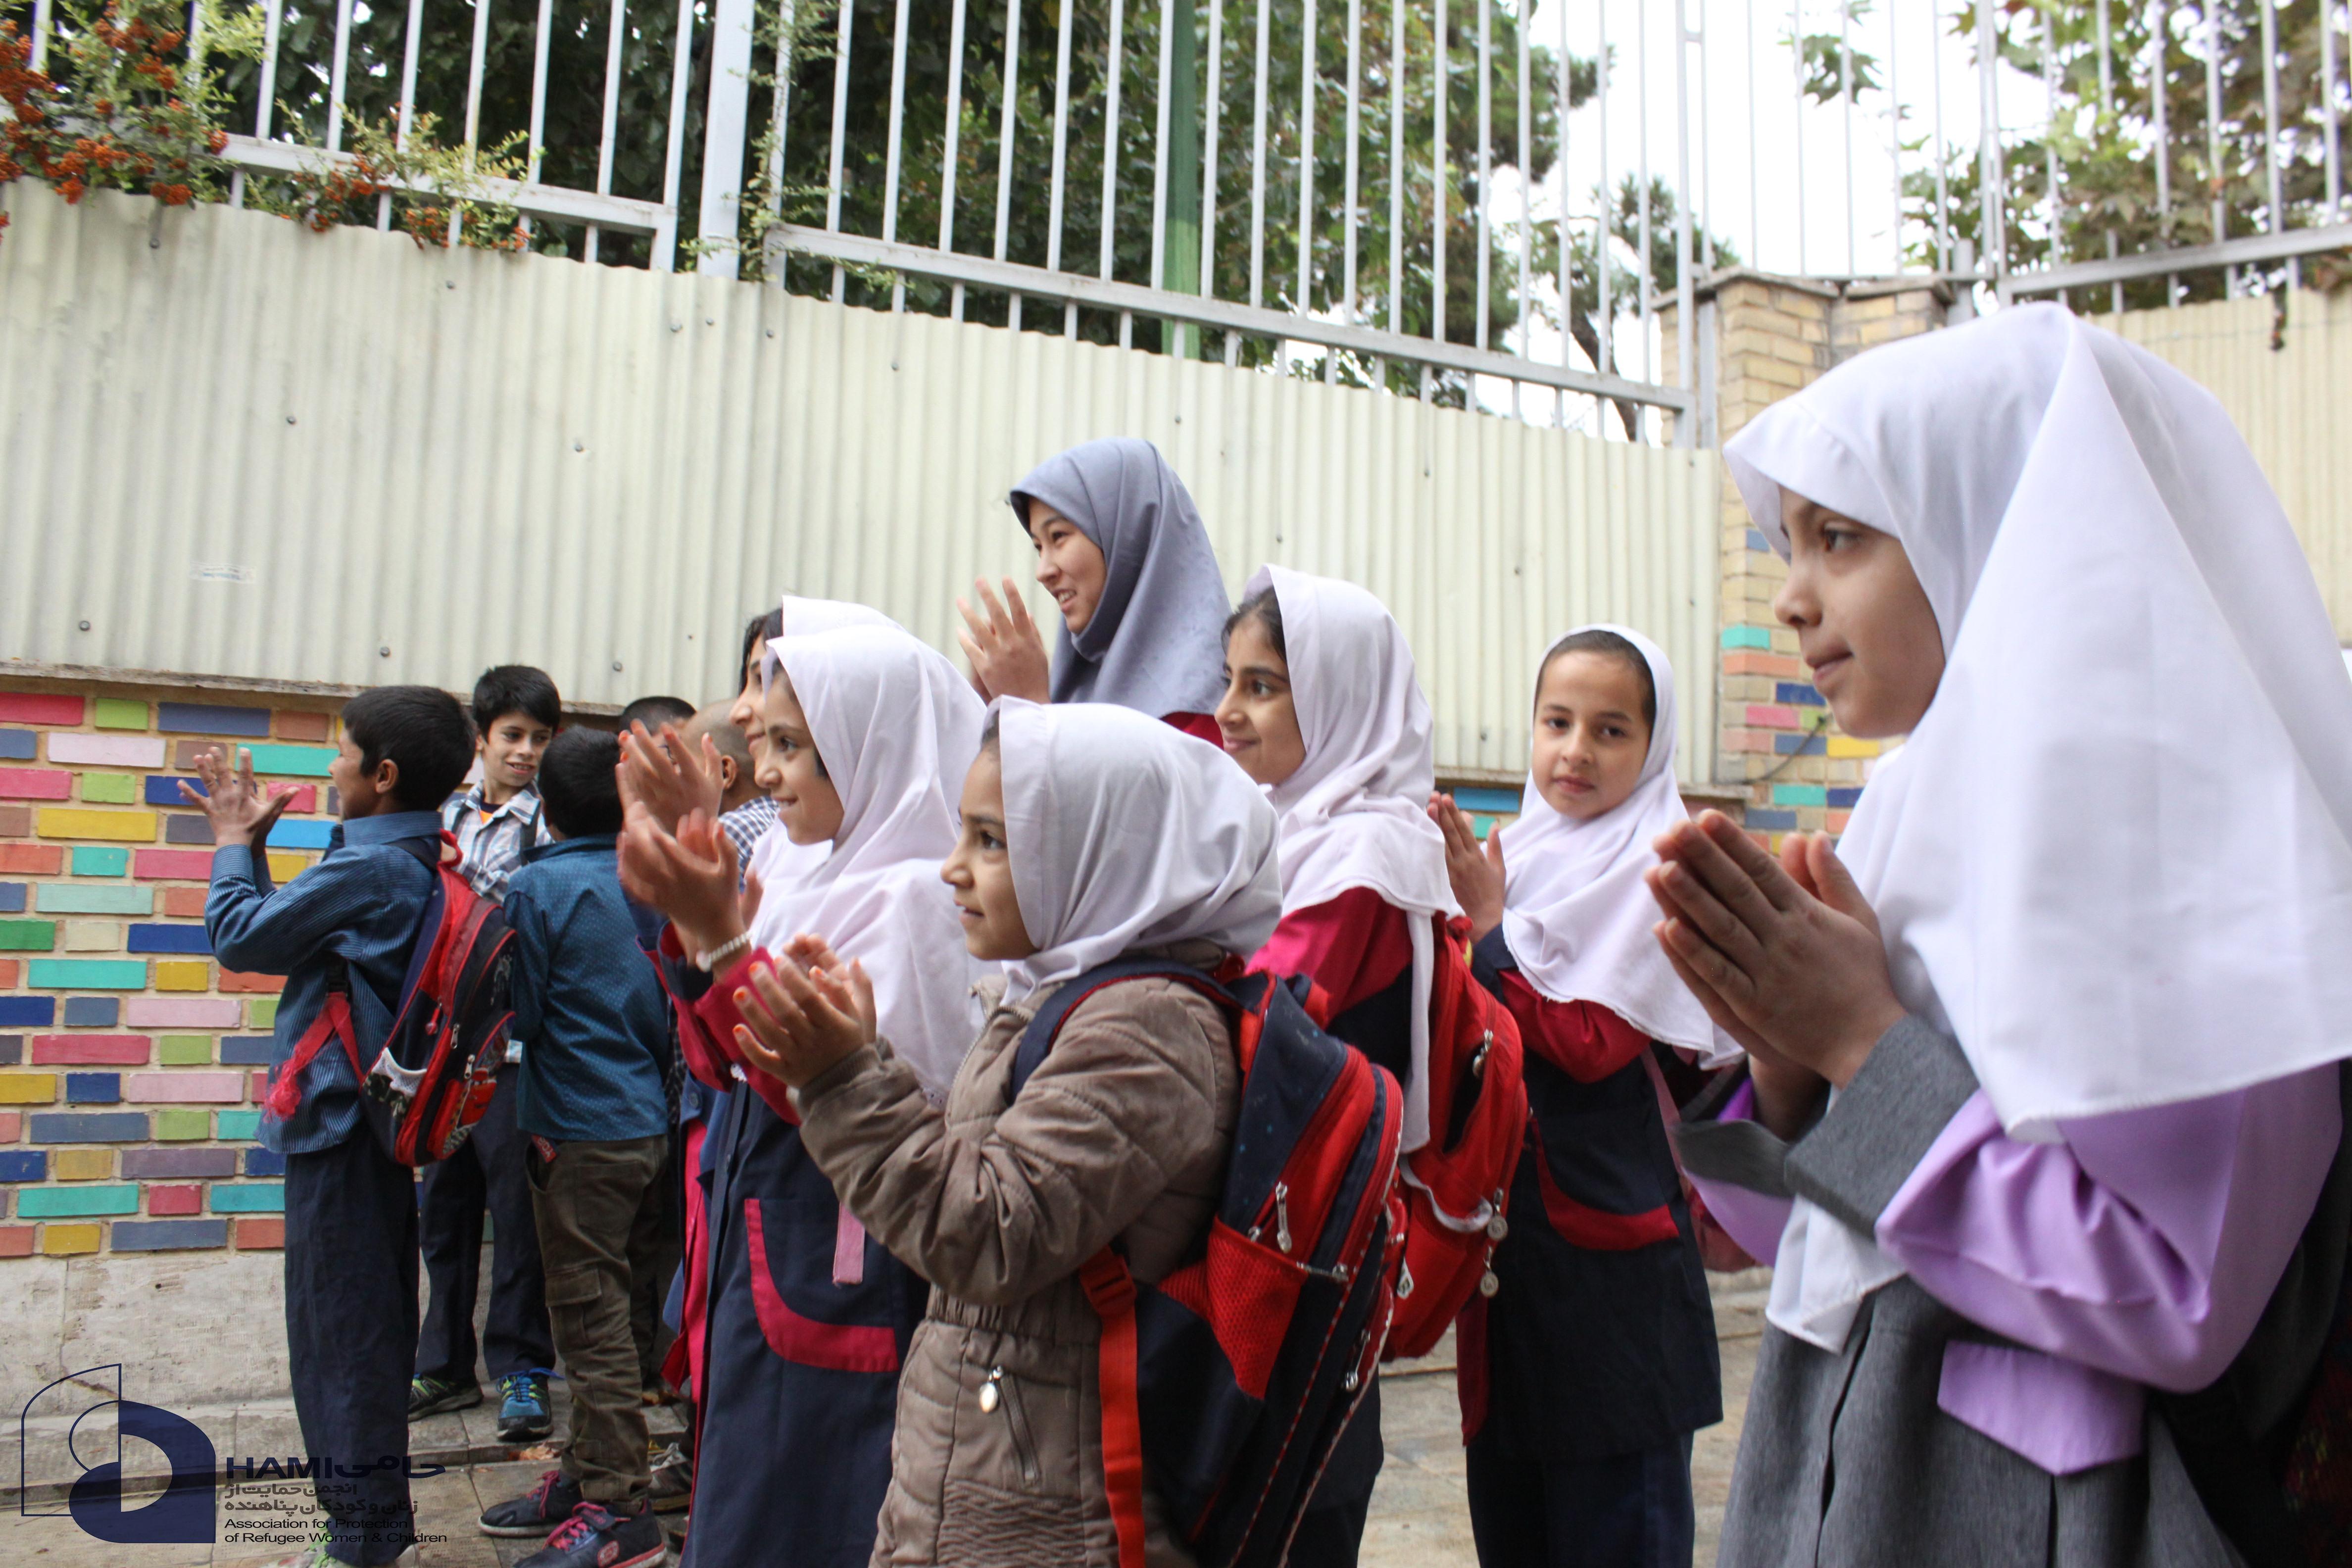 آموزش کودکان پناهنده و مهاجر در ایران